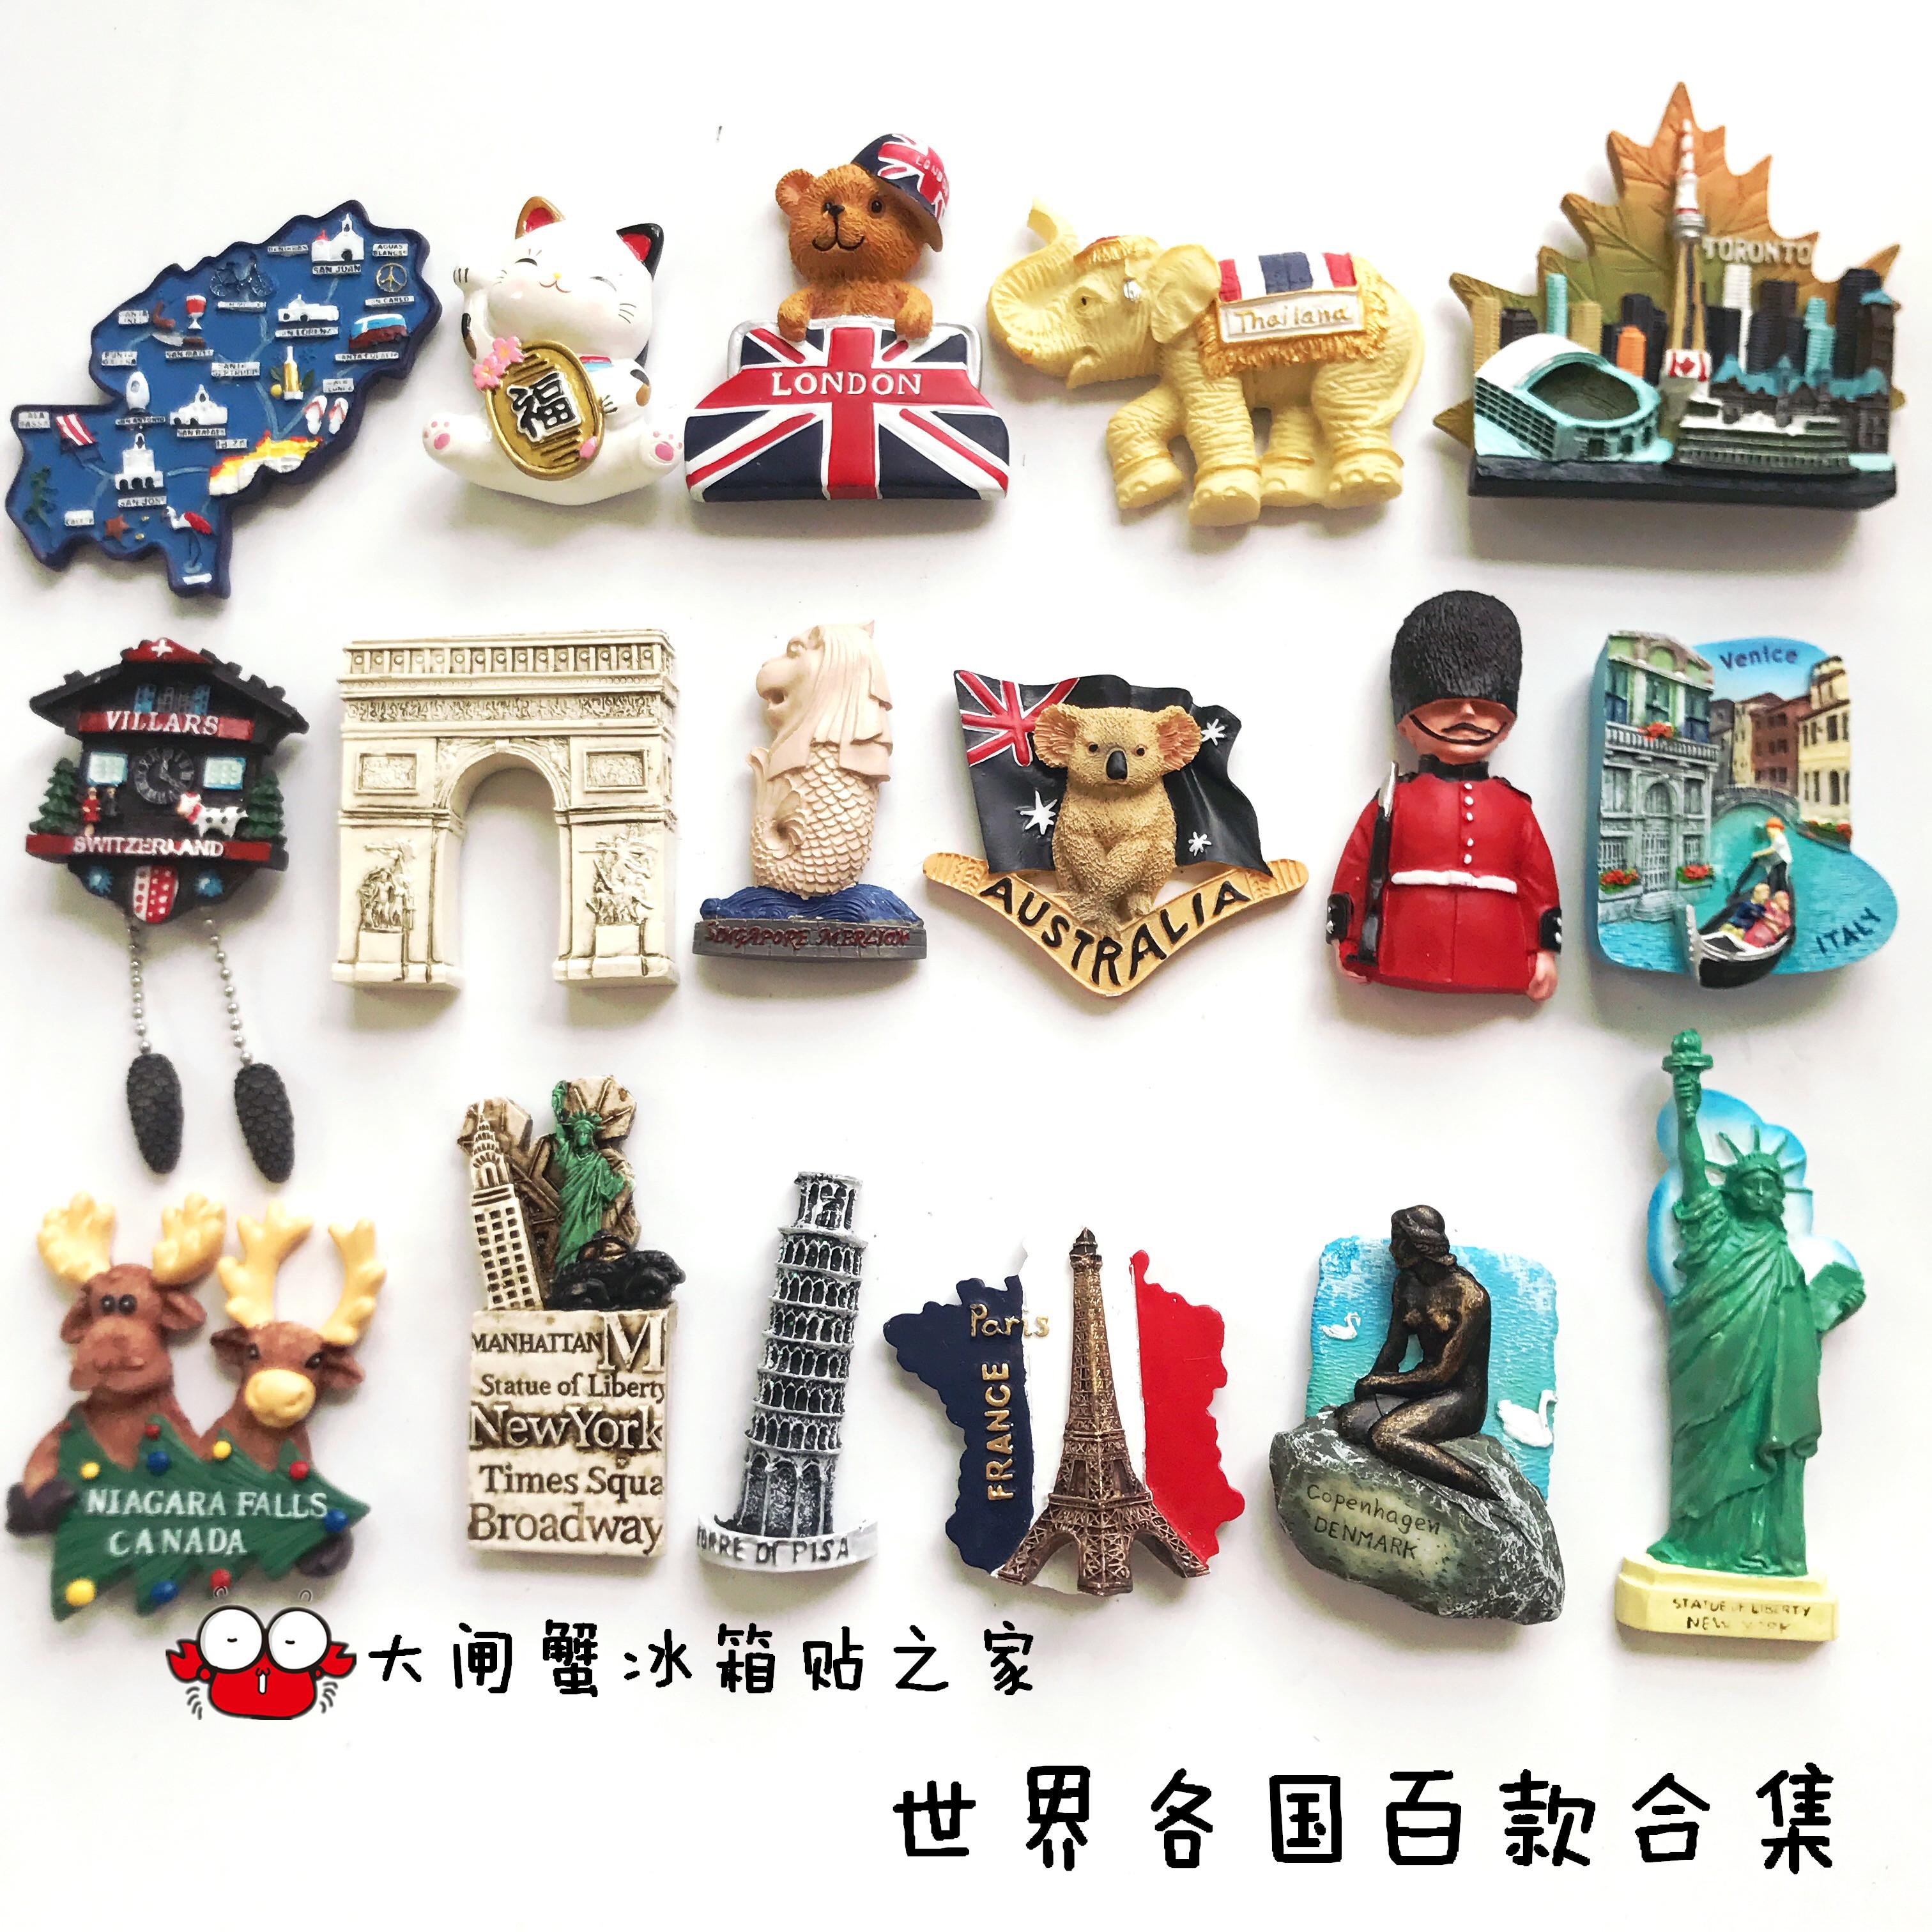 世界旅游纪念品